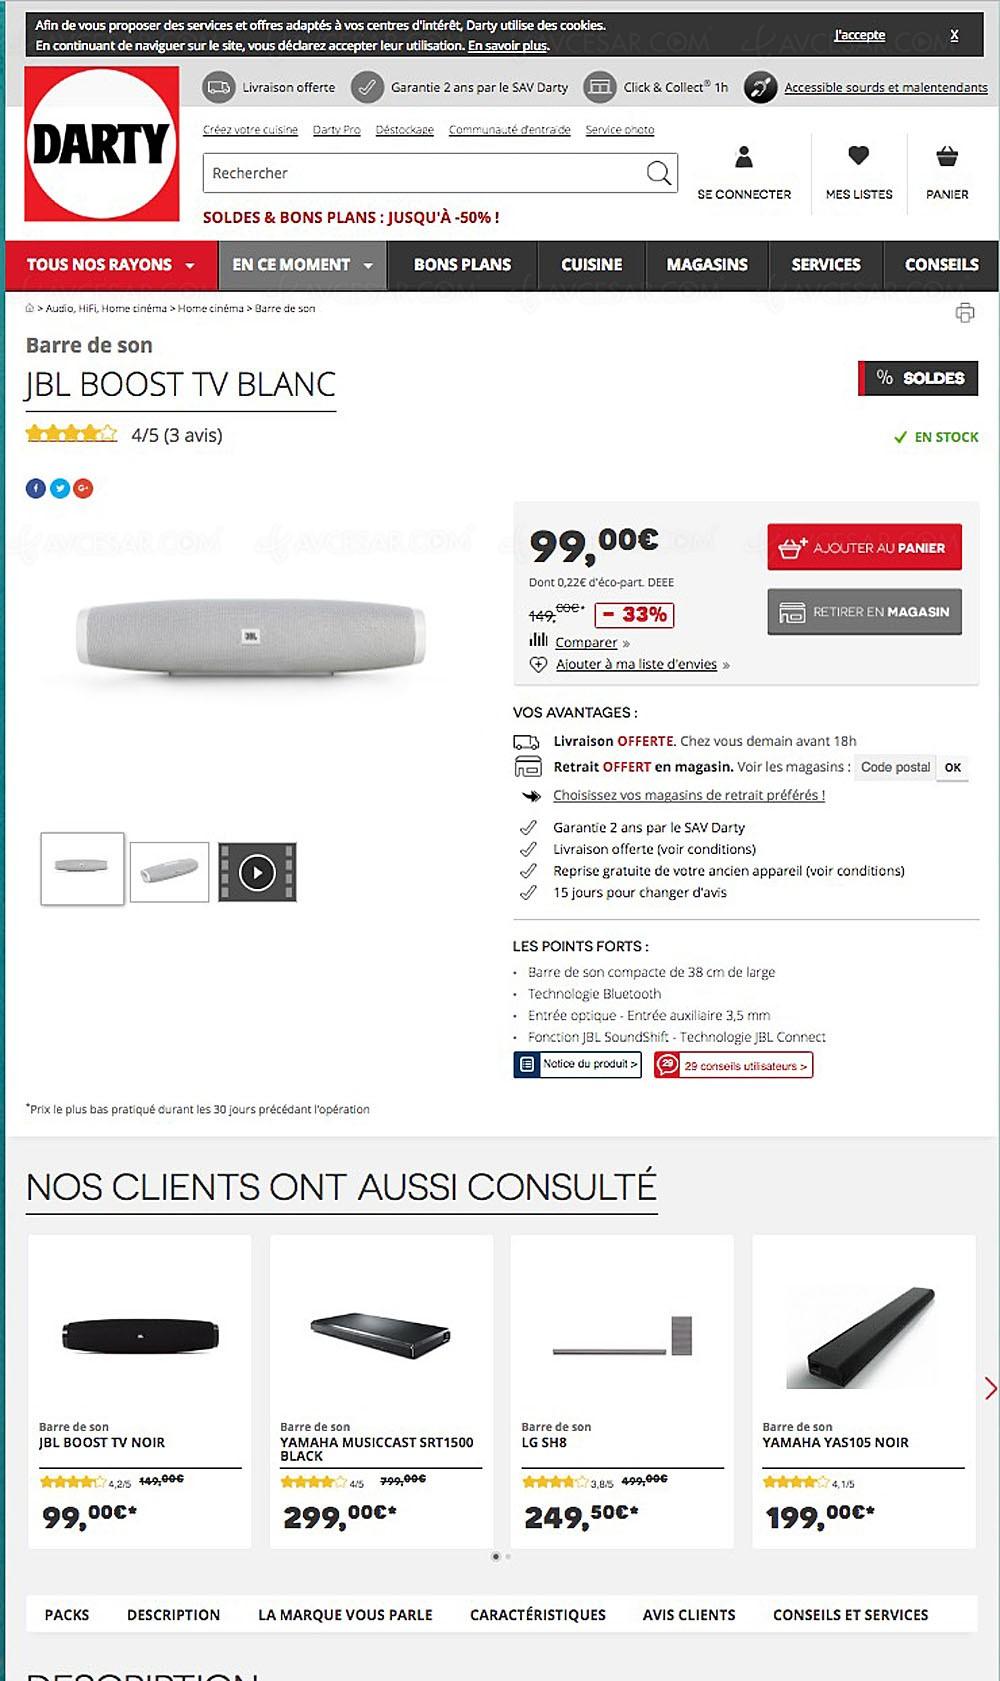 soldes t 2017 bons plans barre de son jbl boost tv 99. Black Bedroom Furniture Sets. Home Design Ideas